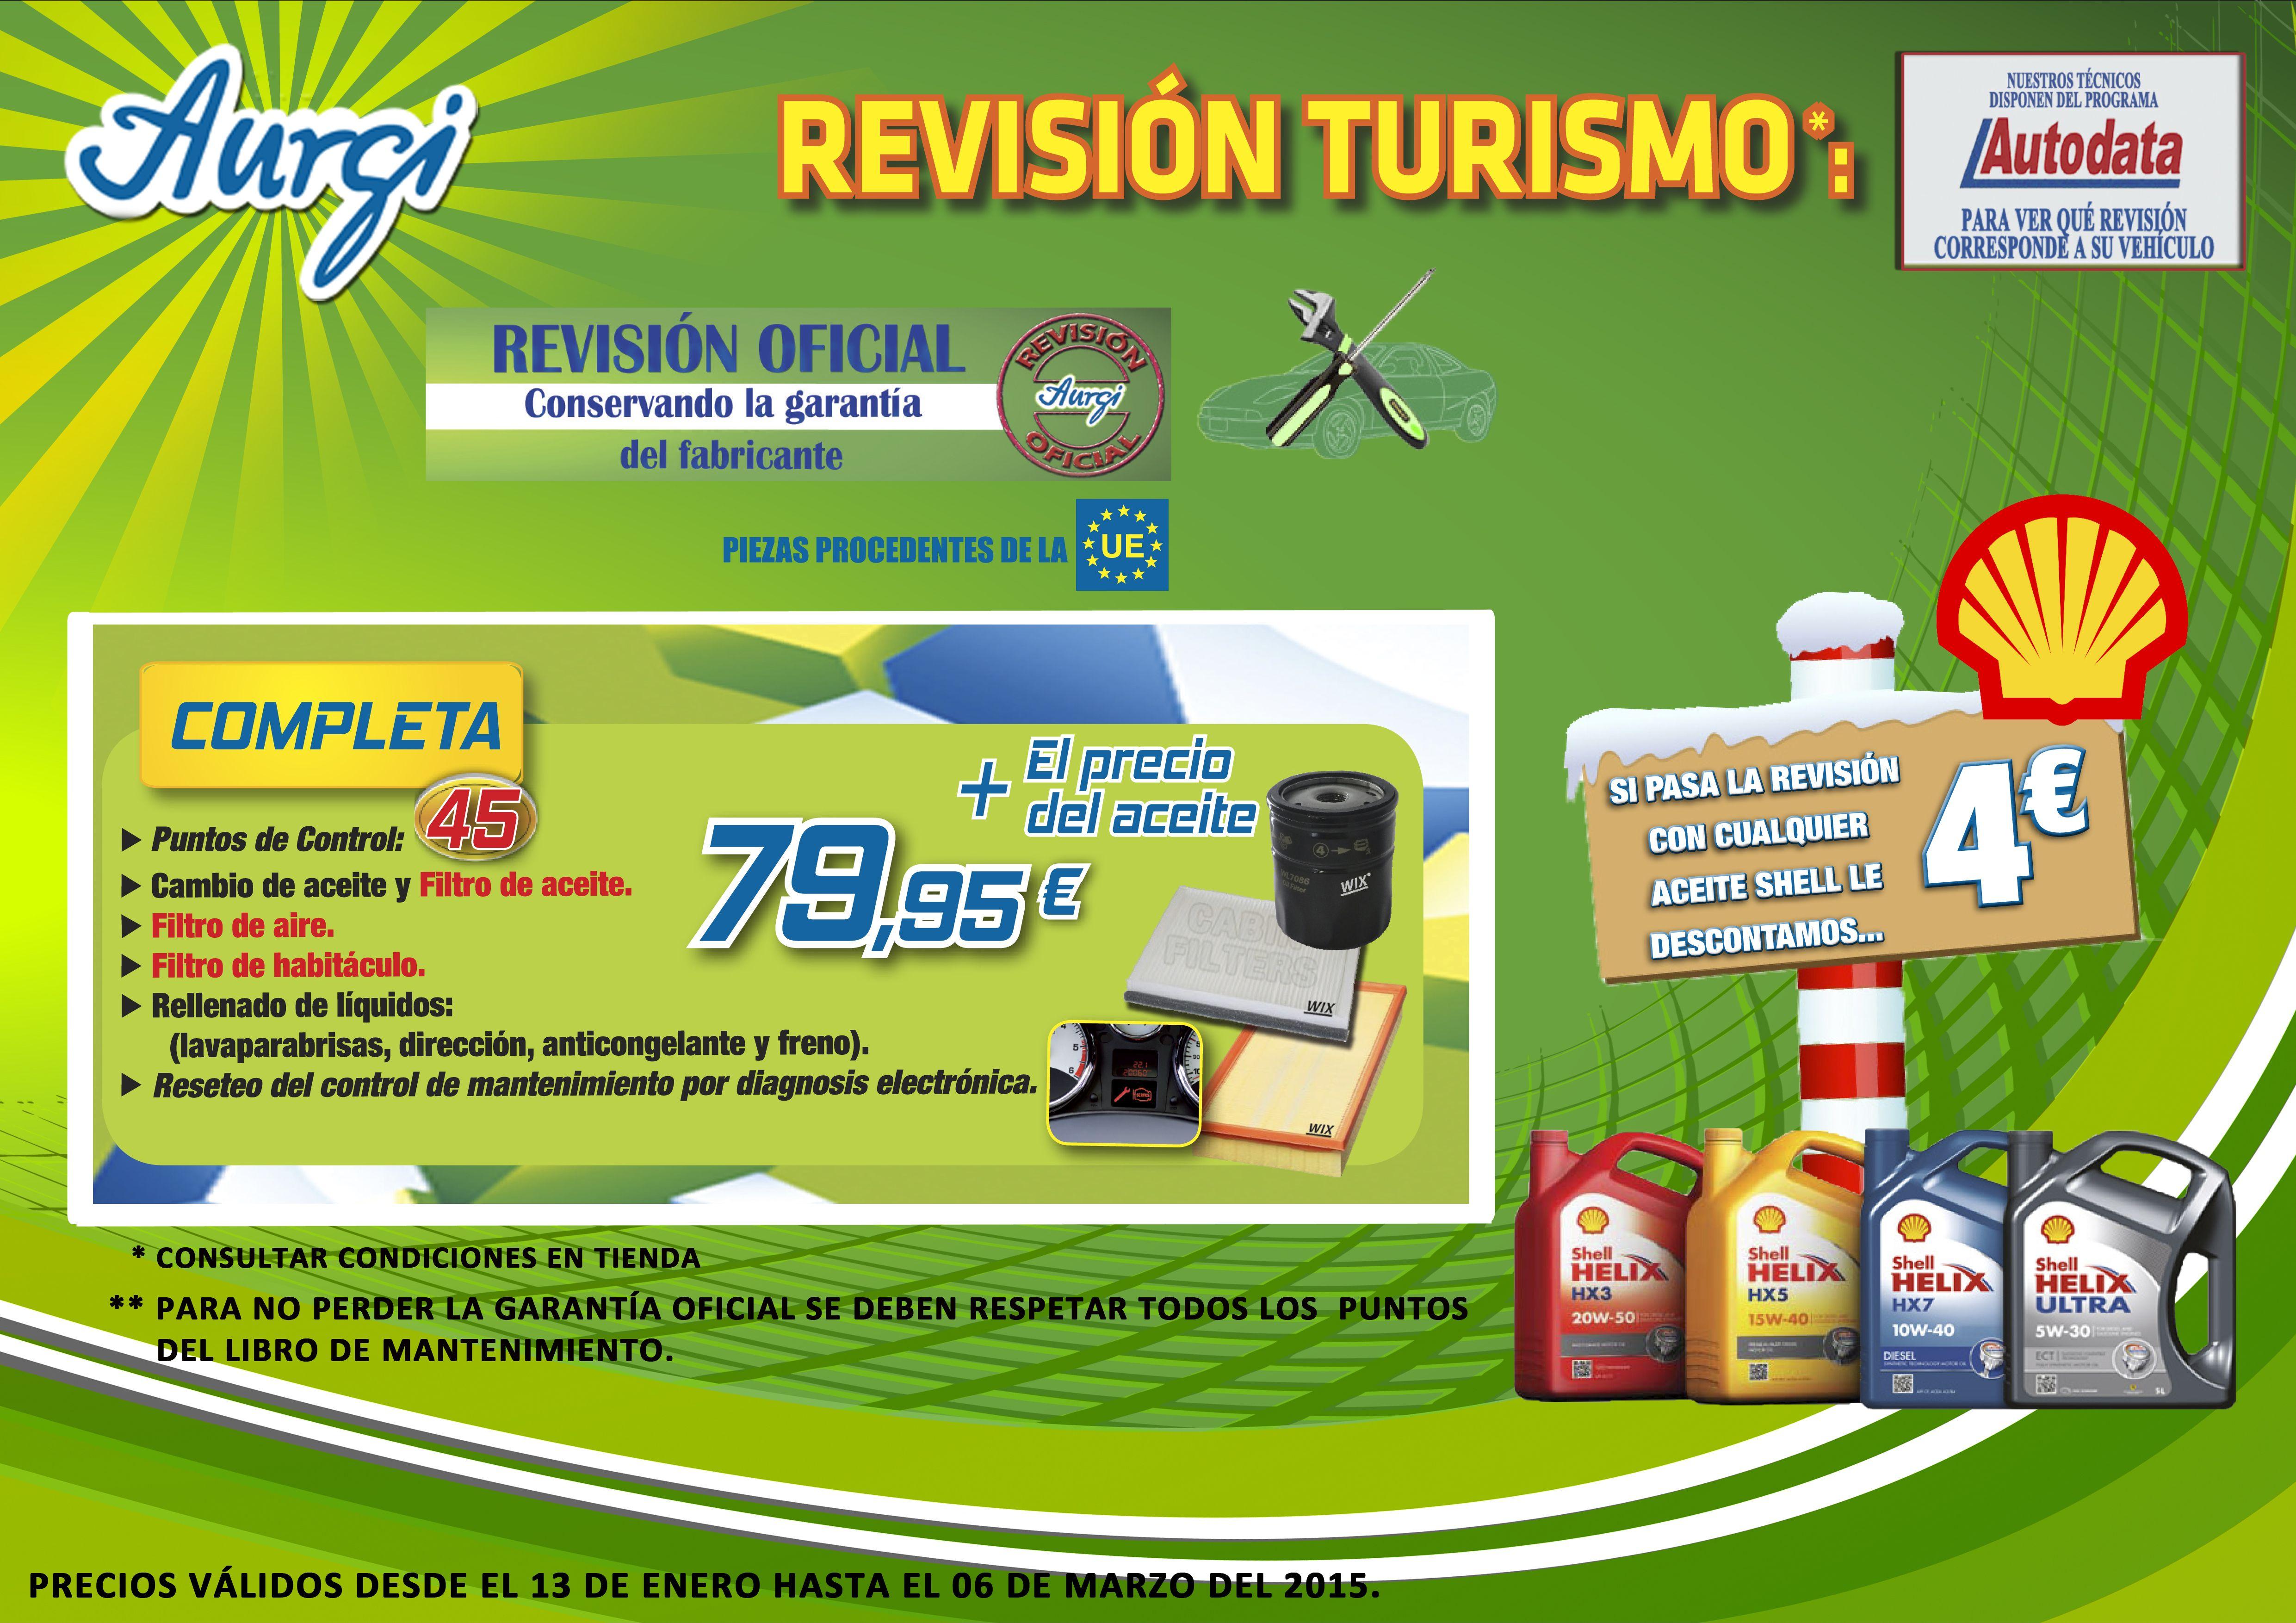 Oferta Rebajas (13 de enero al 06 de marzo 2015) - Revision Completa (cambio del filtro de aceite, filtro de aire y filtro de habitáculo). Más información en www.aurgi.com/